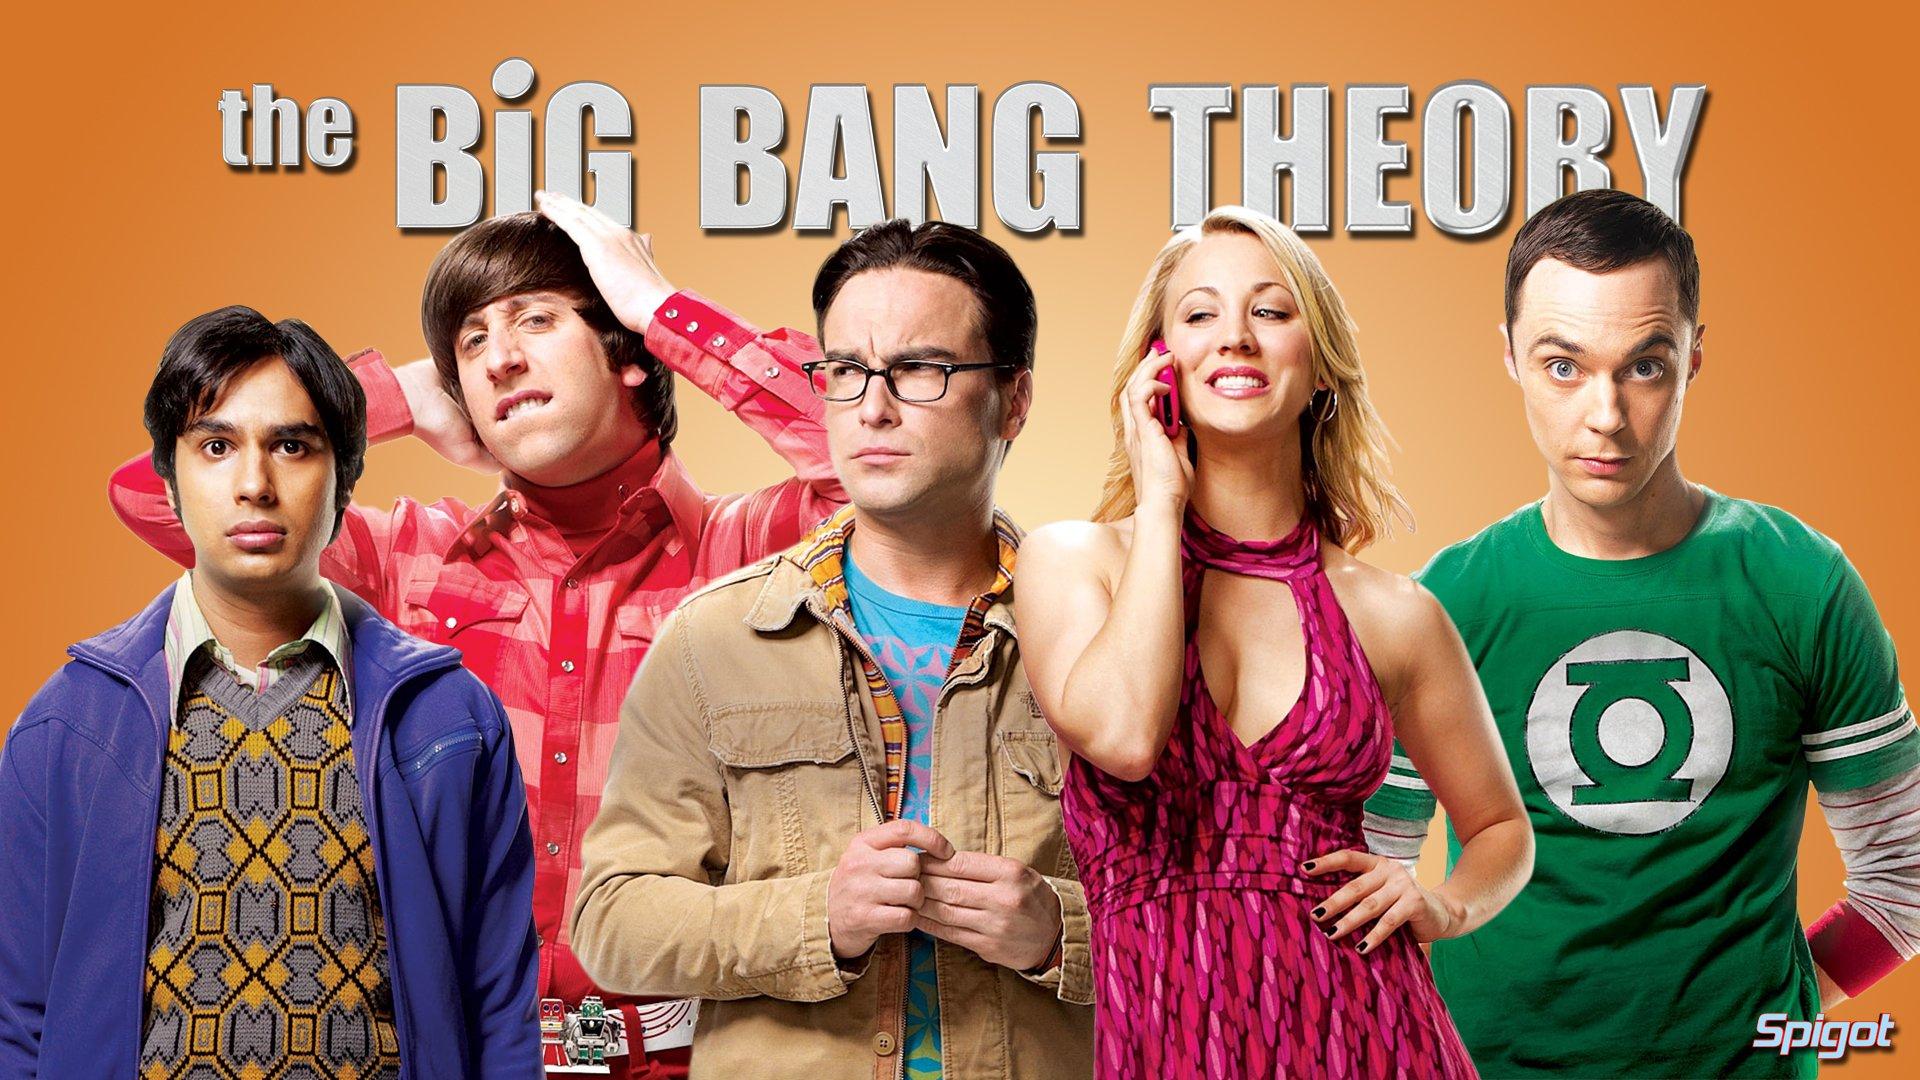 Big Bang Theory Ger Sub